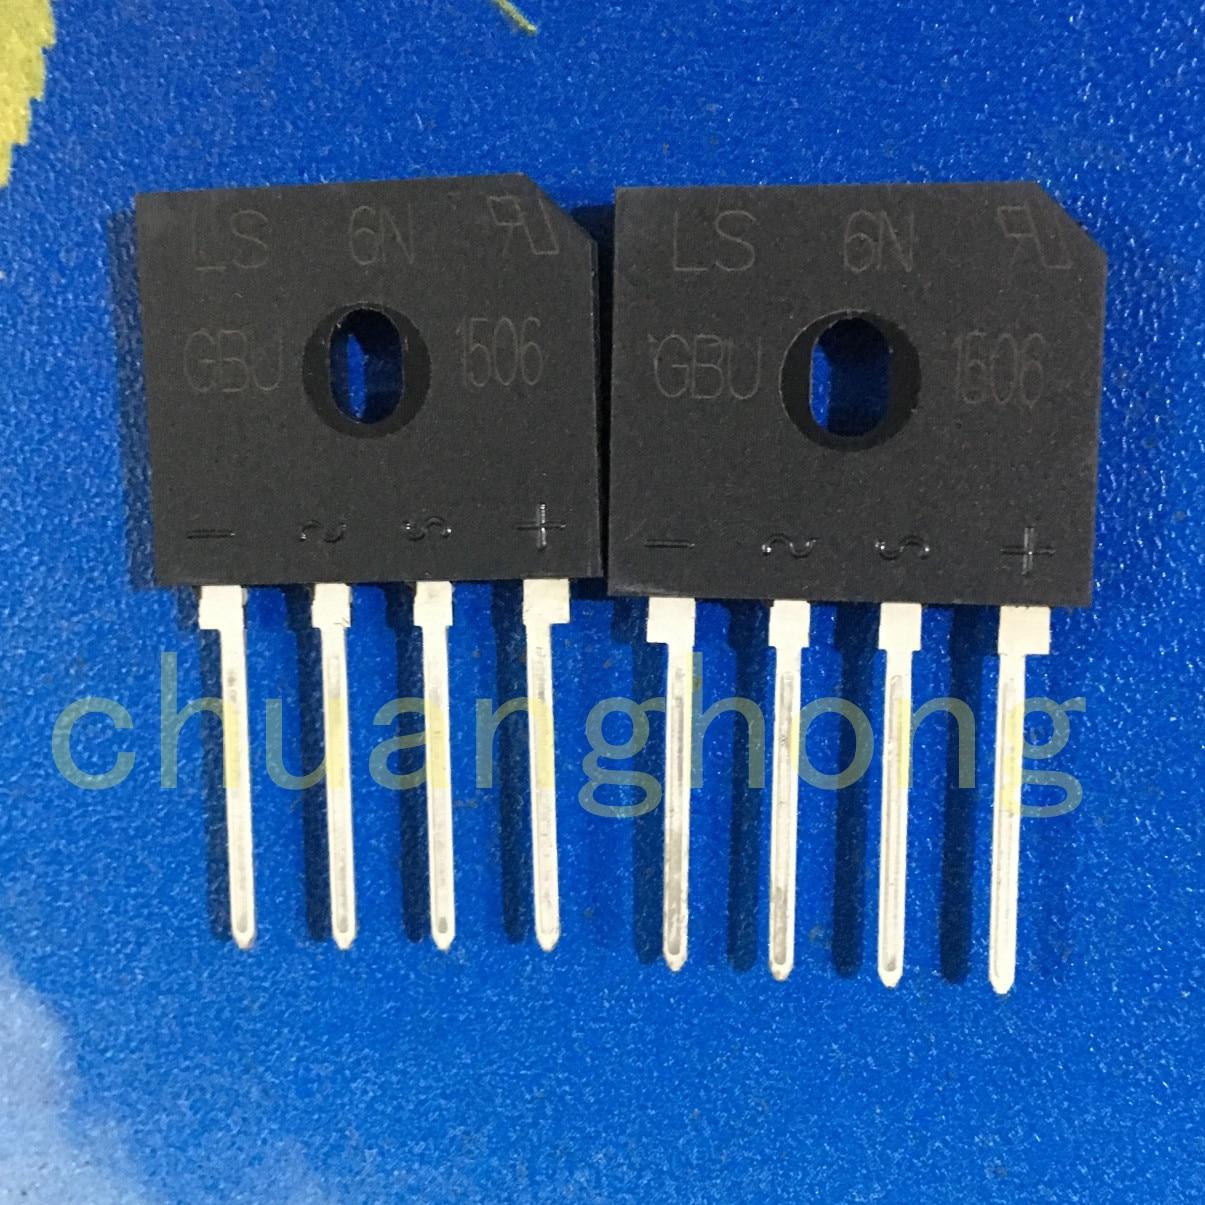 1pcs/lot GBU1506  original packing new  rectifier bridge  GBU-1506